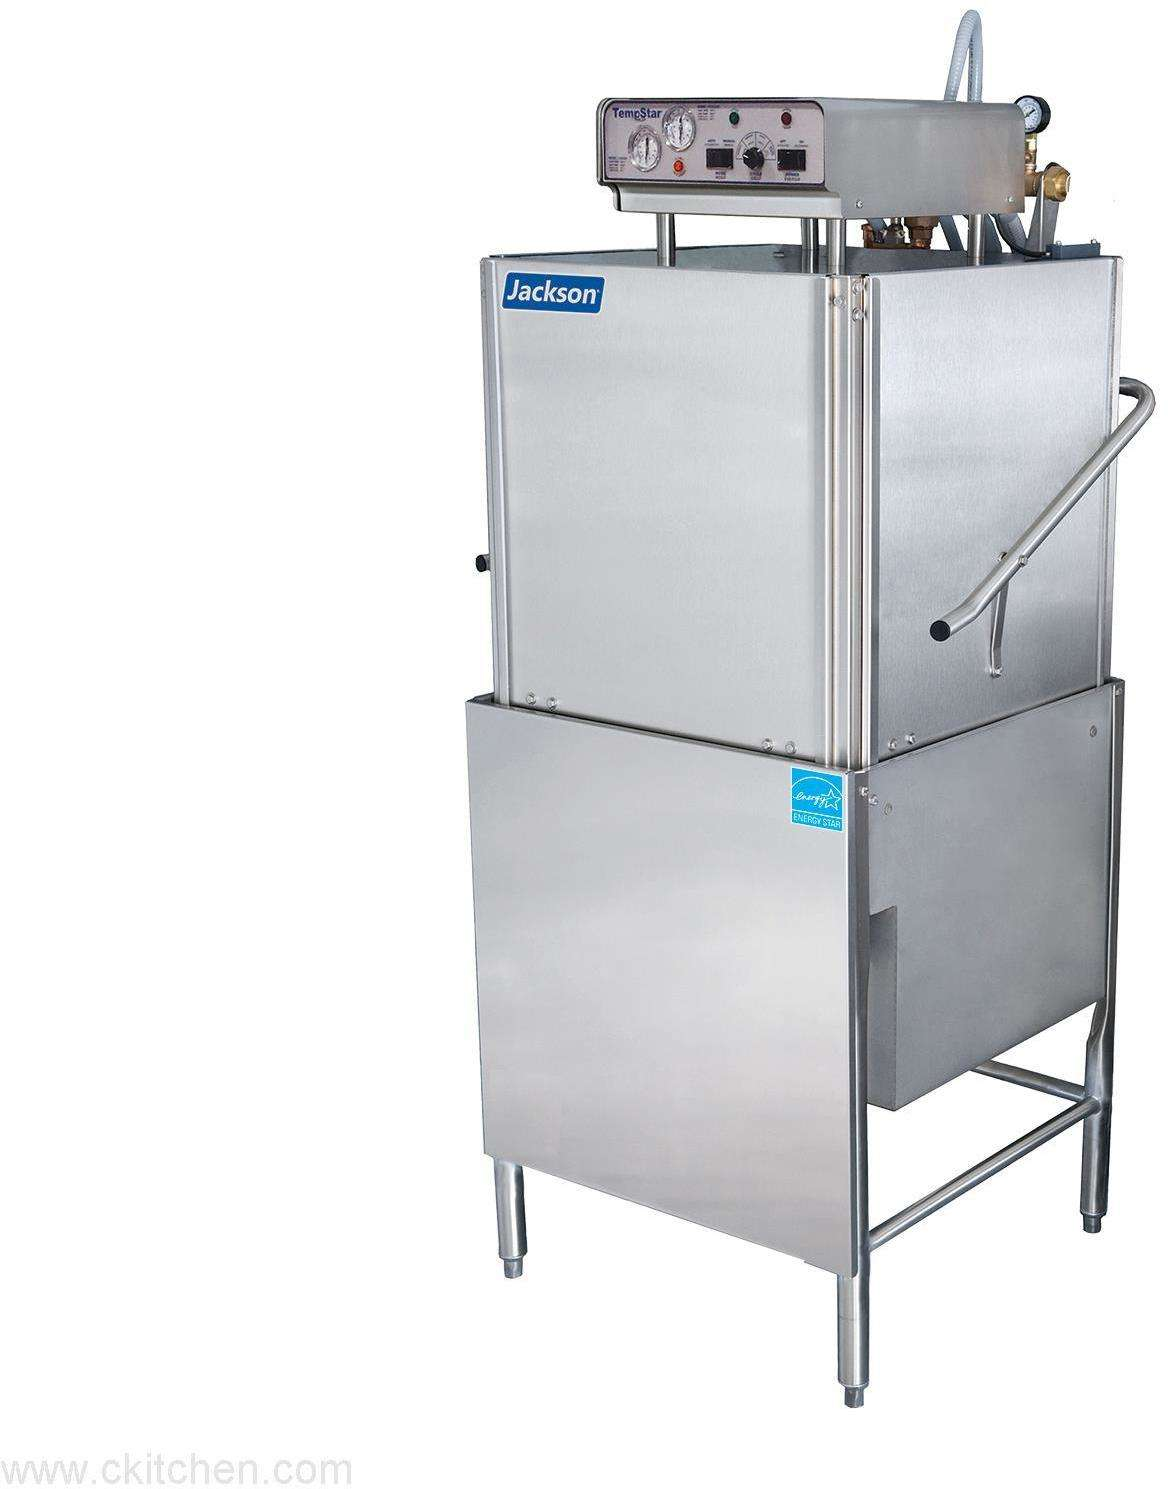 Image Result For Jackson Dishwashers